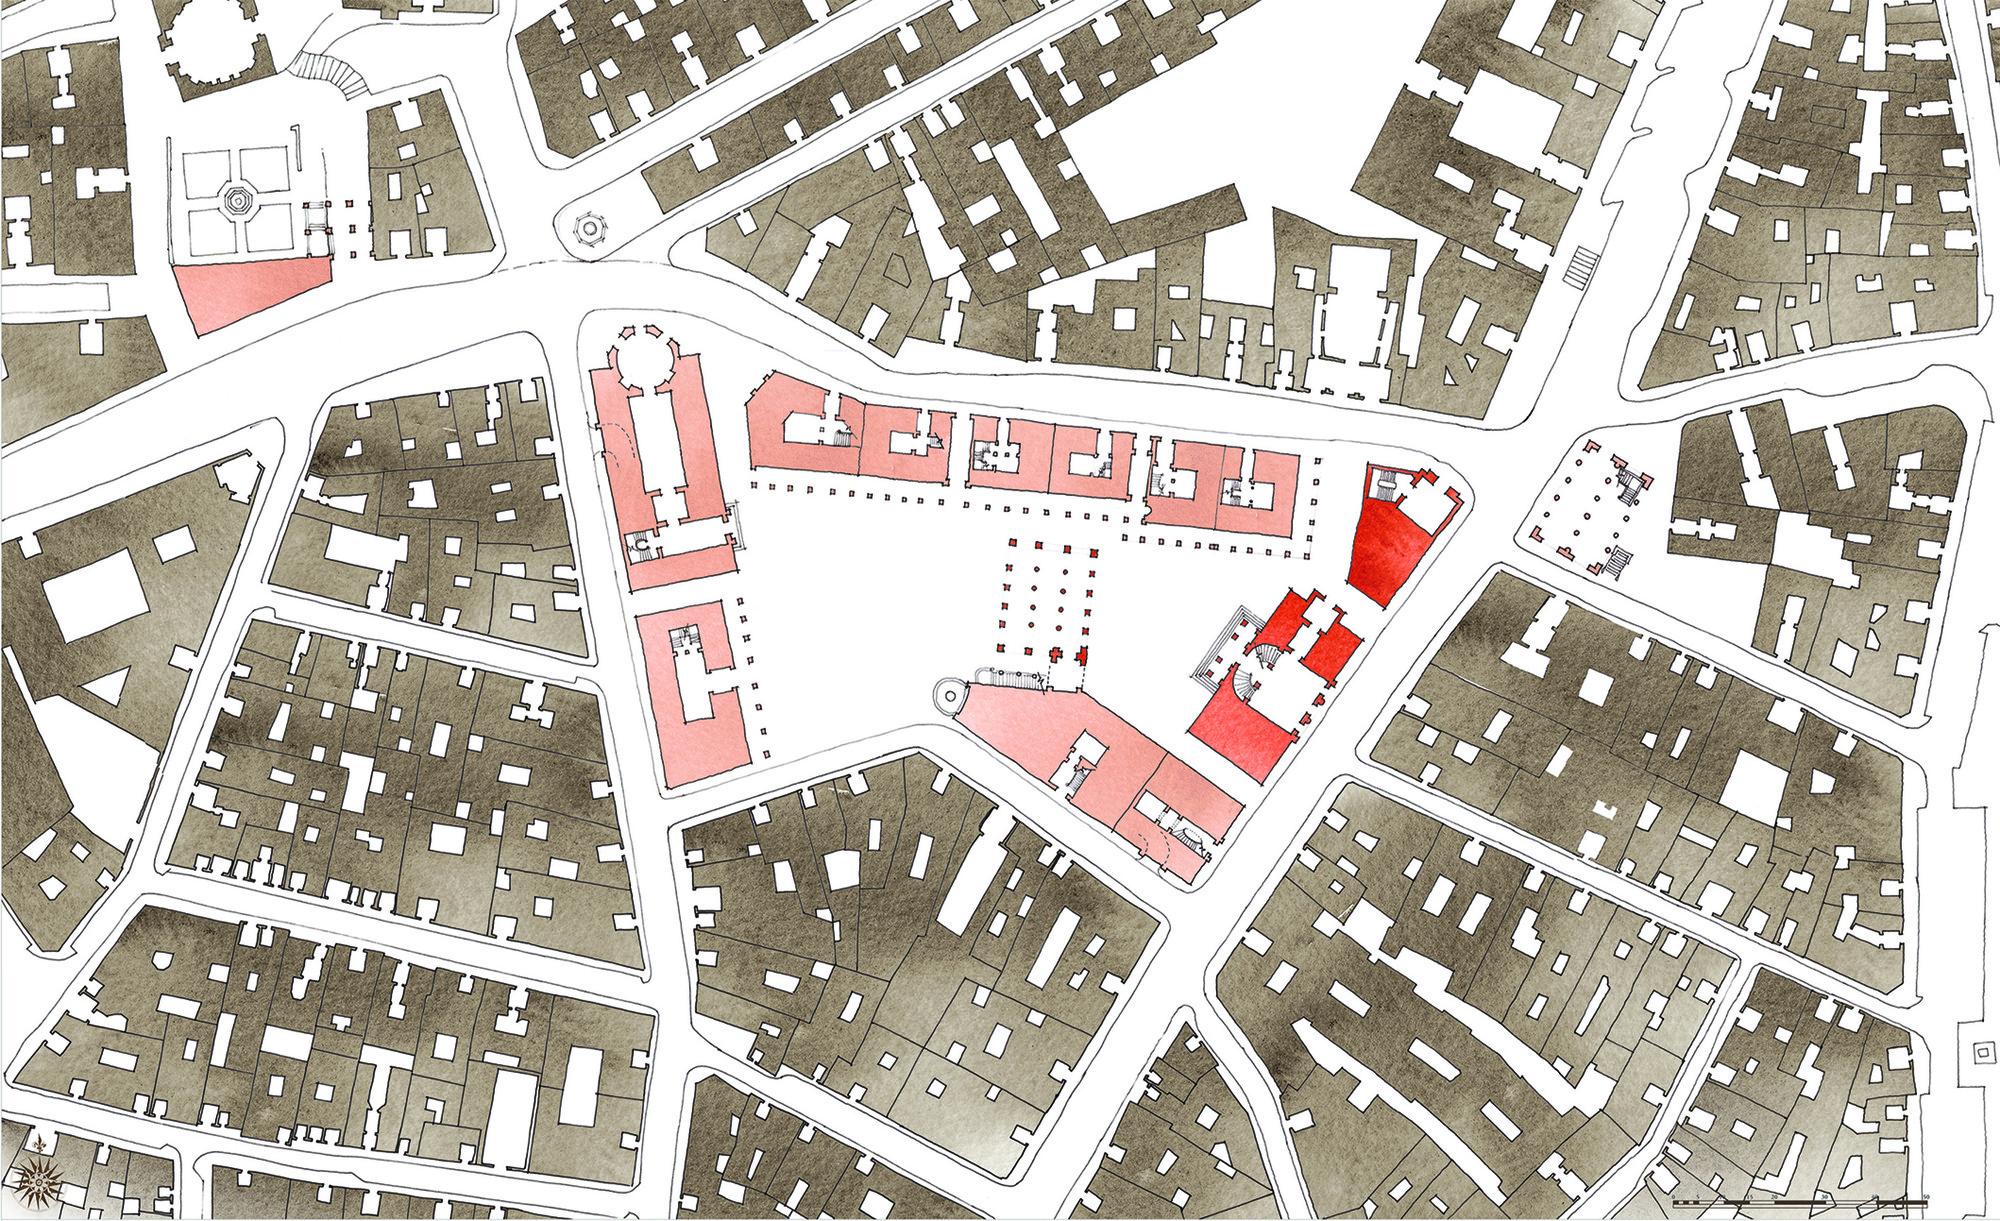 Planta general de propuesta. Image Courtesy of Equipo desarrollador